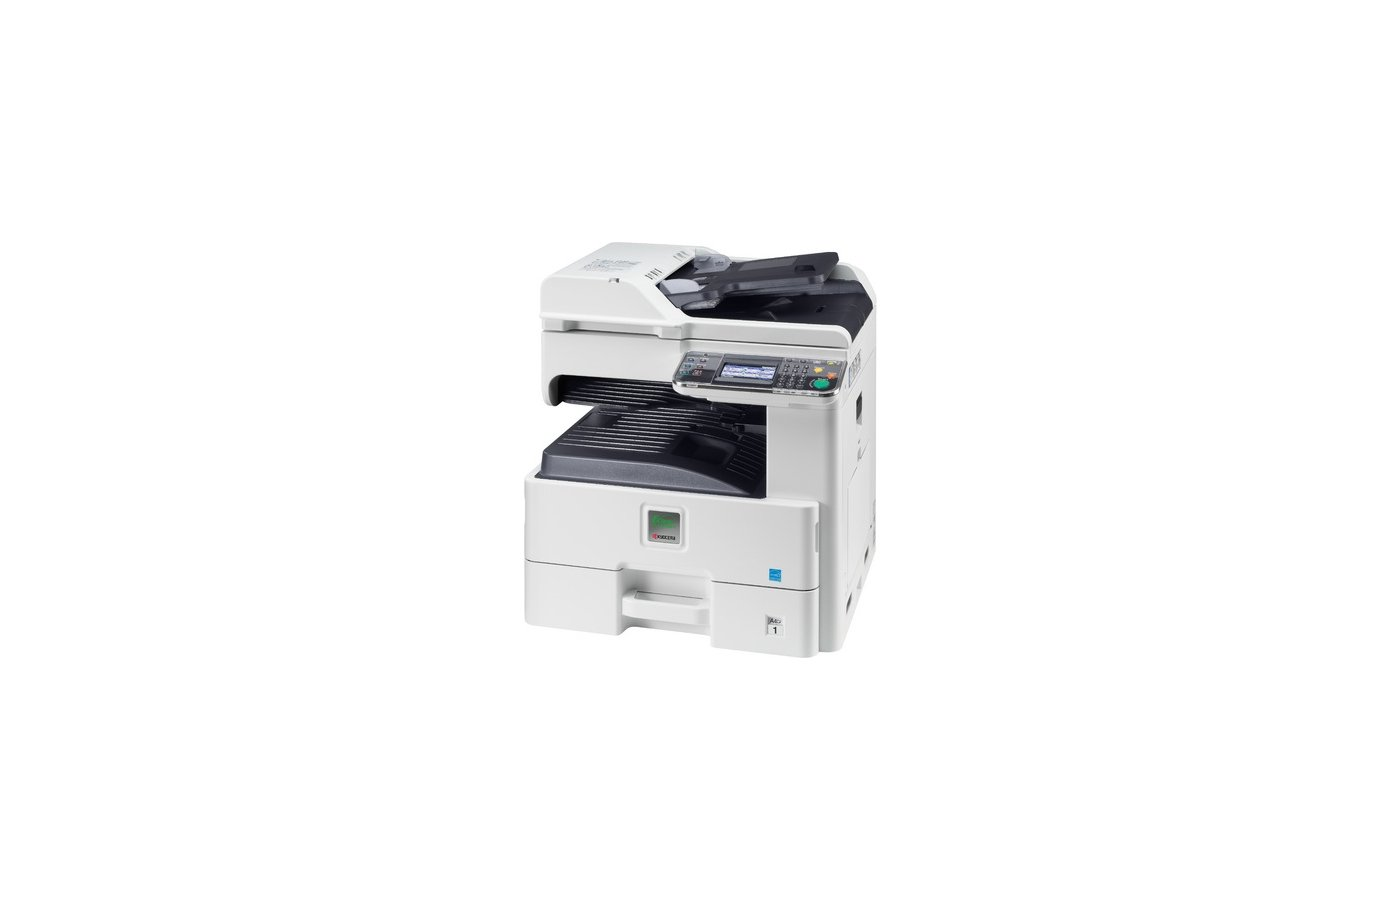 МФУ Kyocera FS-6525MFP A3 25стрA4 копир/принтер/сканер USB 2.0 дуплекс сеть ADF